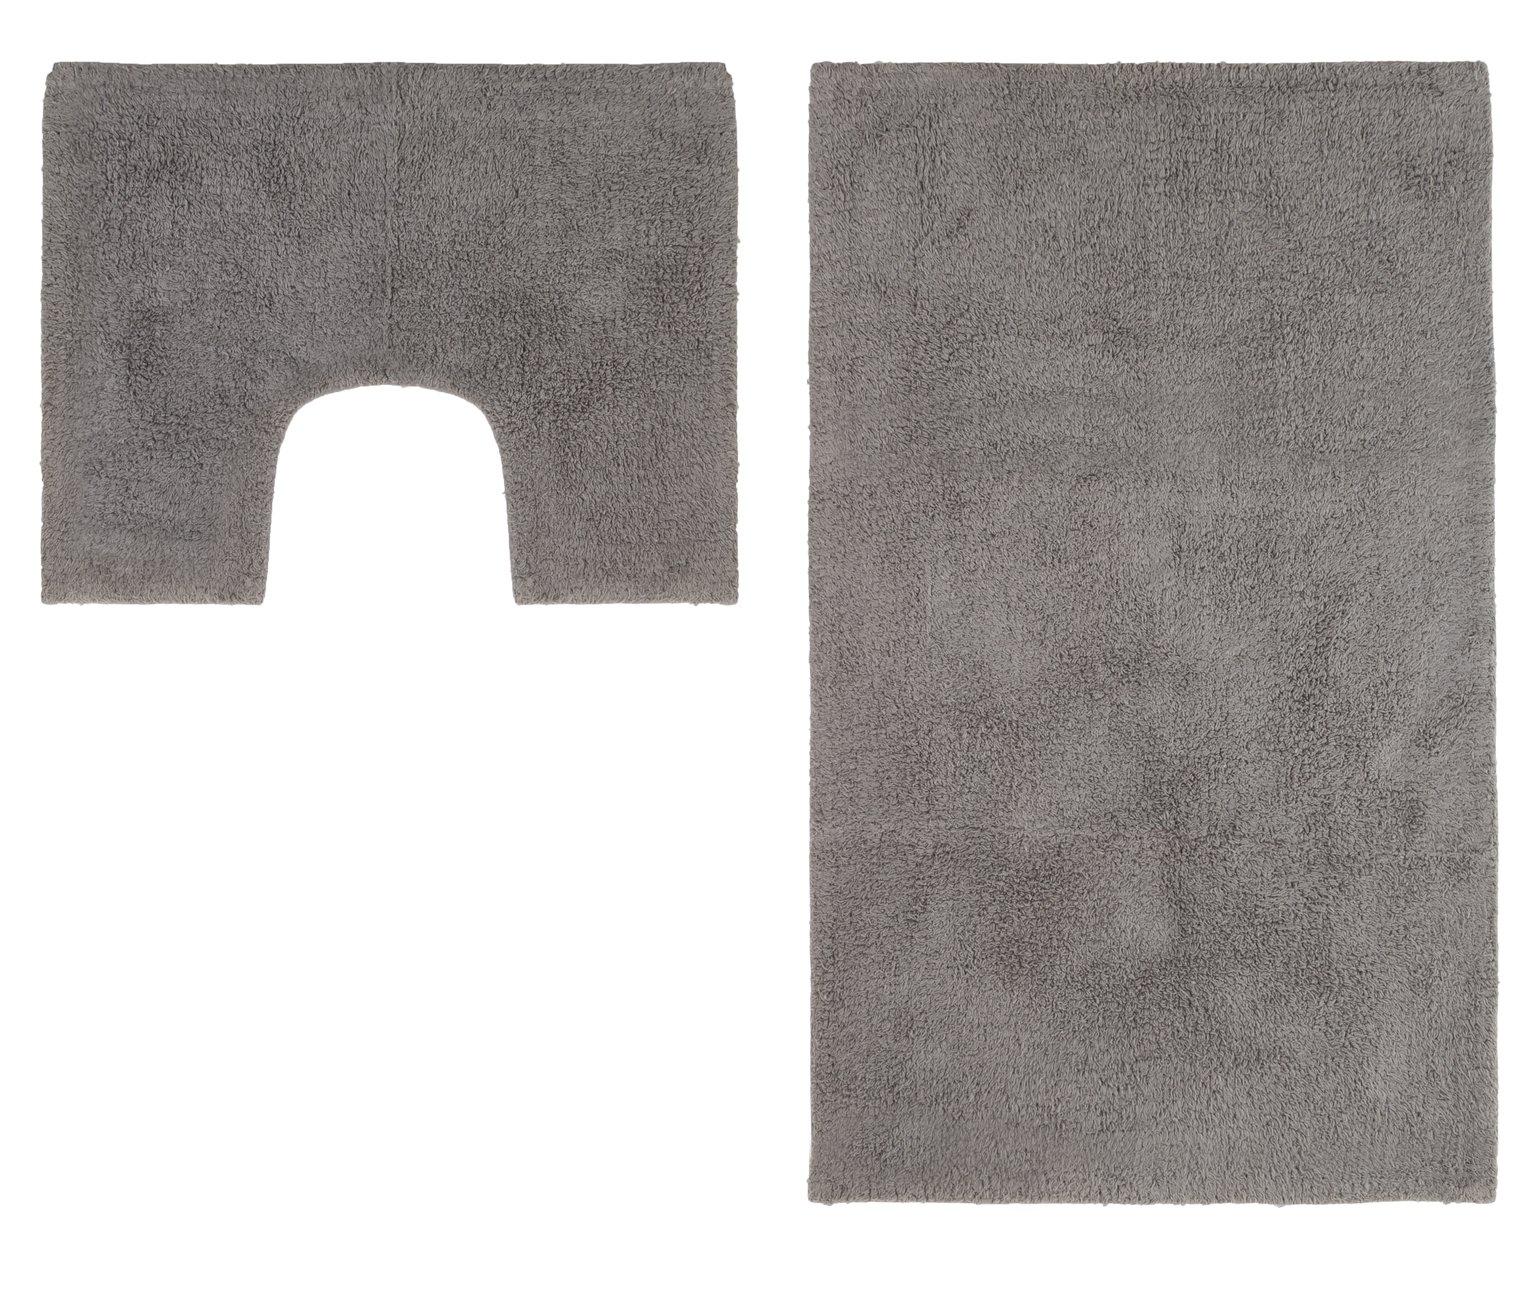 Argos Home Bath and Pedestal Mat Set - Flint Grey